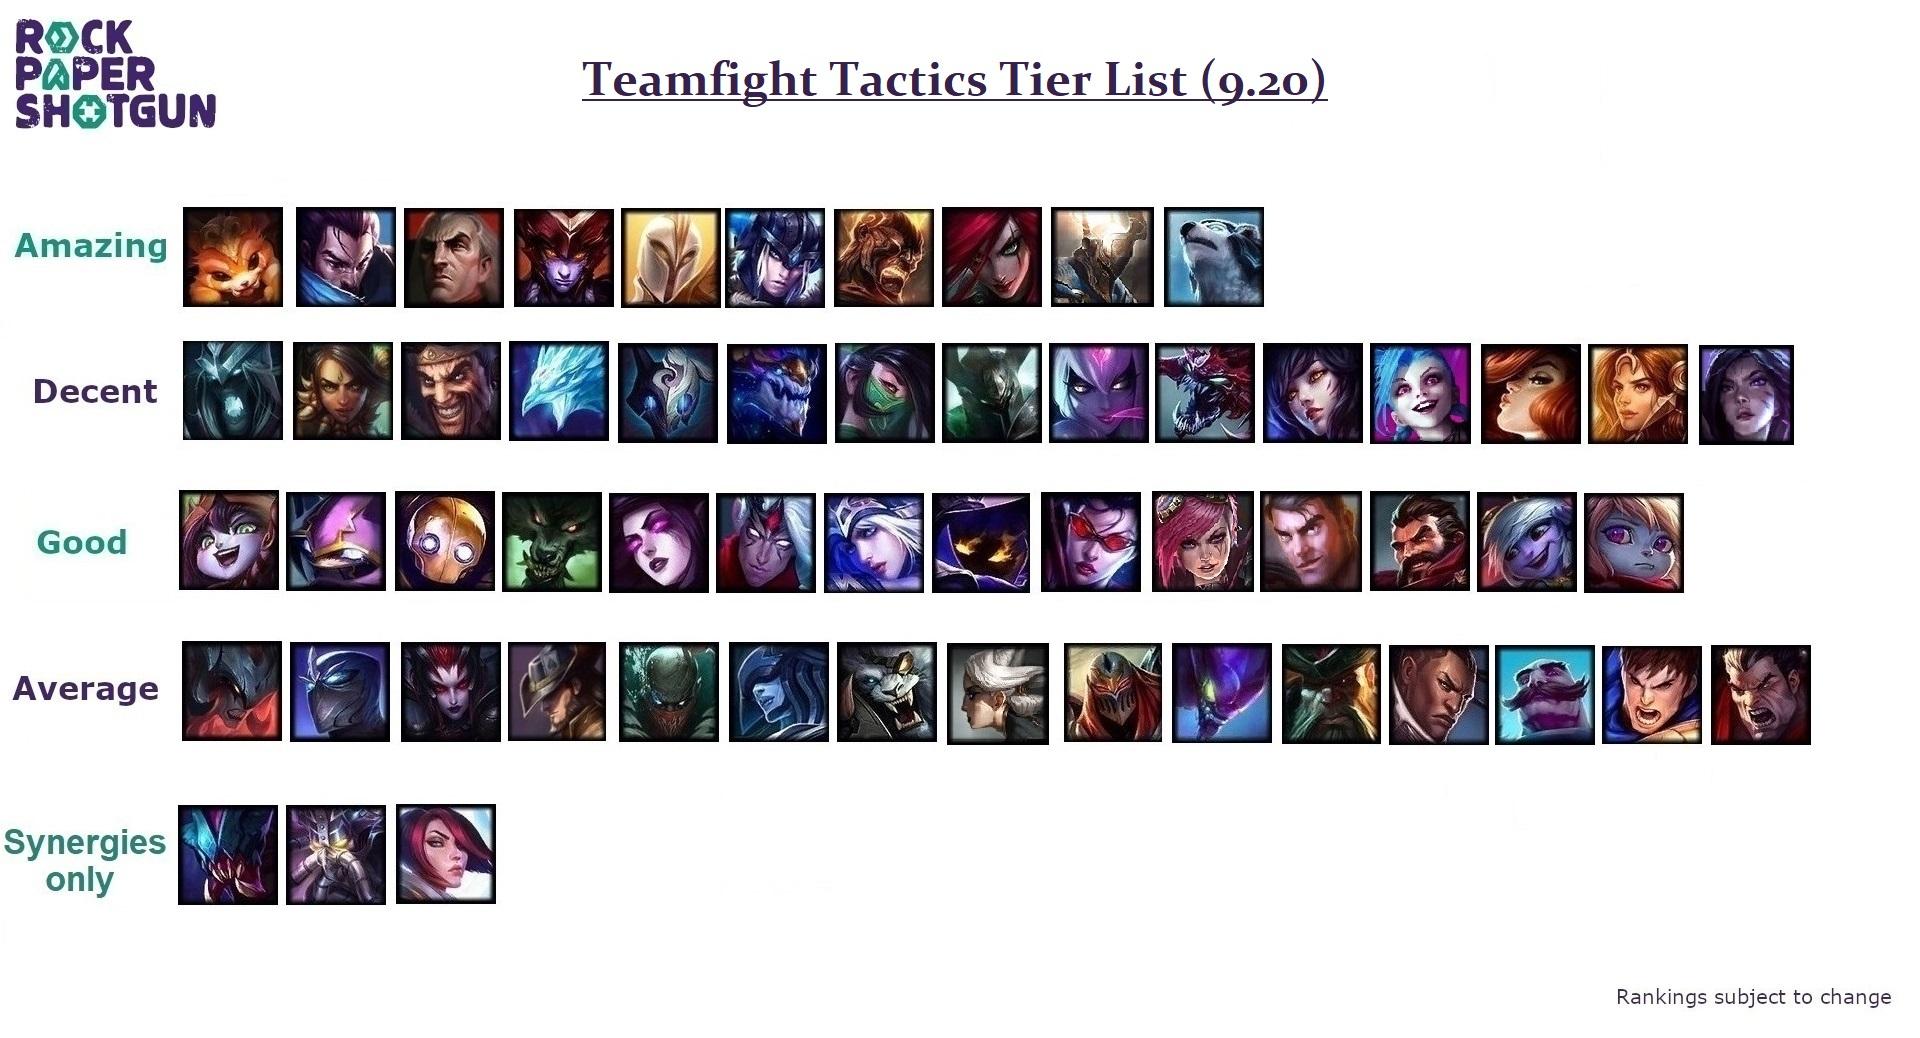 teamfight-tactics-rankings-9.20